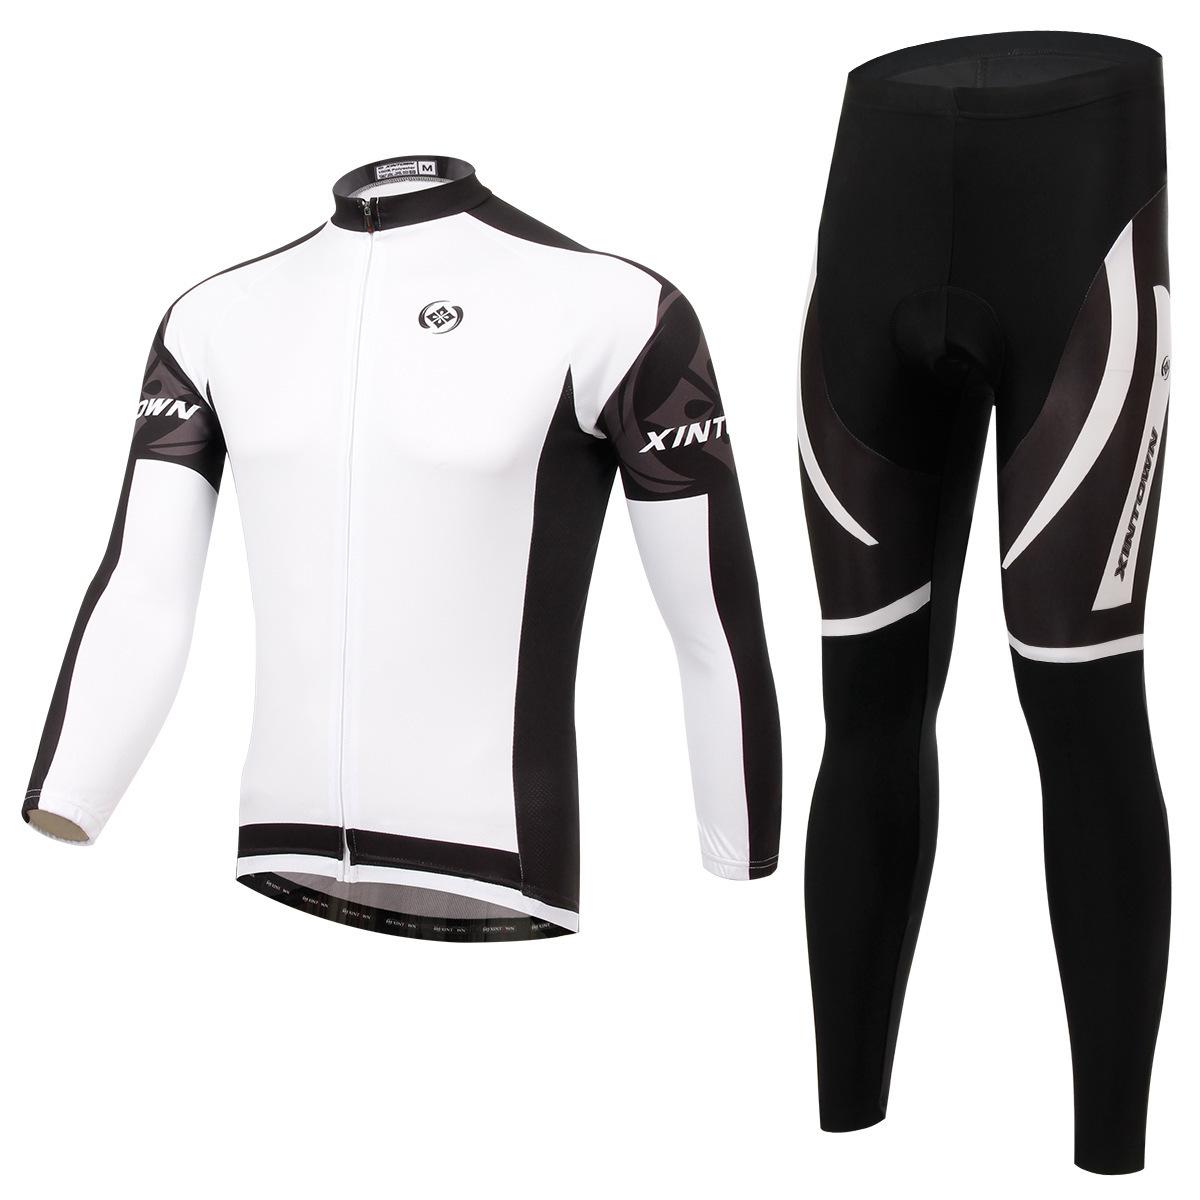 XINTOWN Quần áo mau khô Daimon bộ đồ đi xe đạp màu trắng phù hợp với tay dài xe đạp mùa xuân và mùa